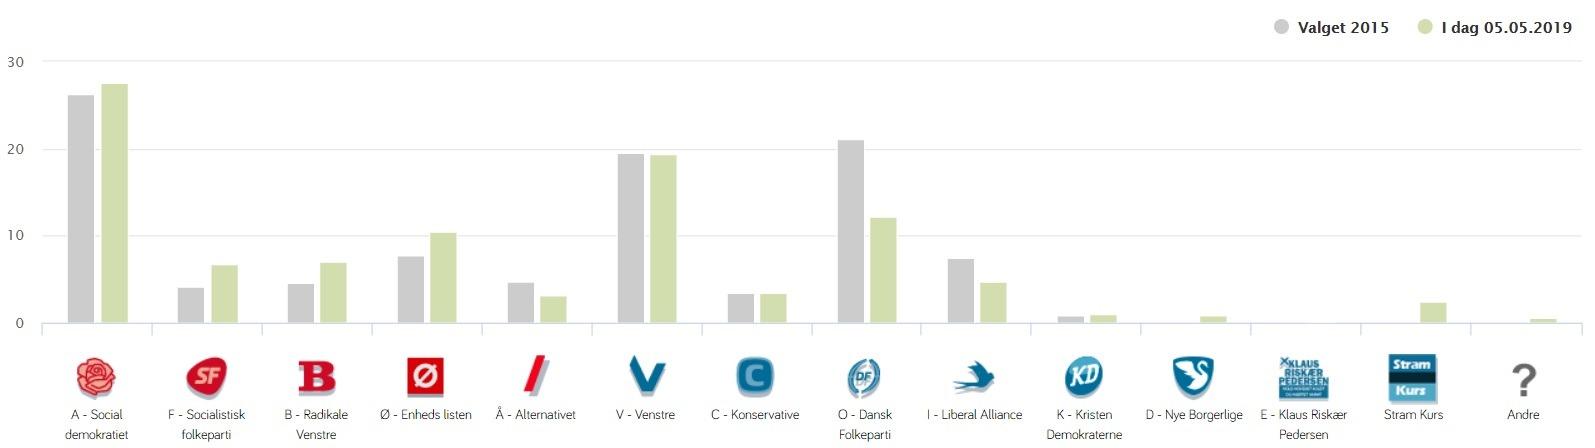 Folketingsvalg 2019 partiernes popularitet